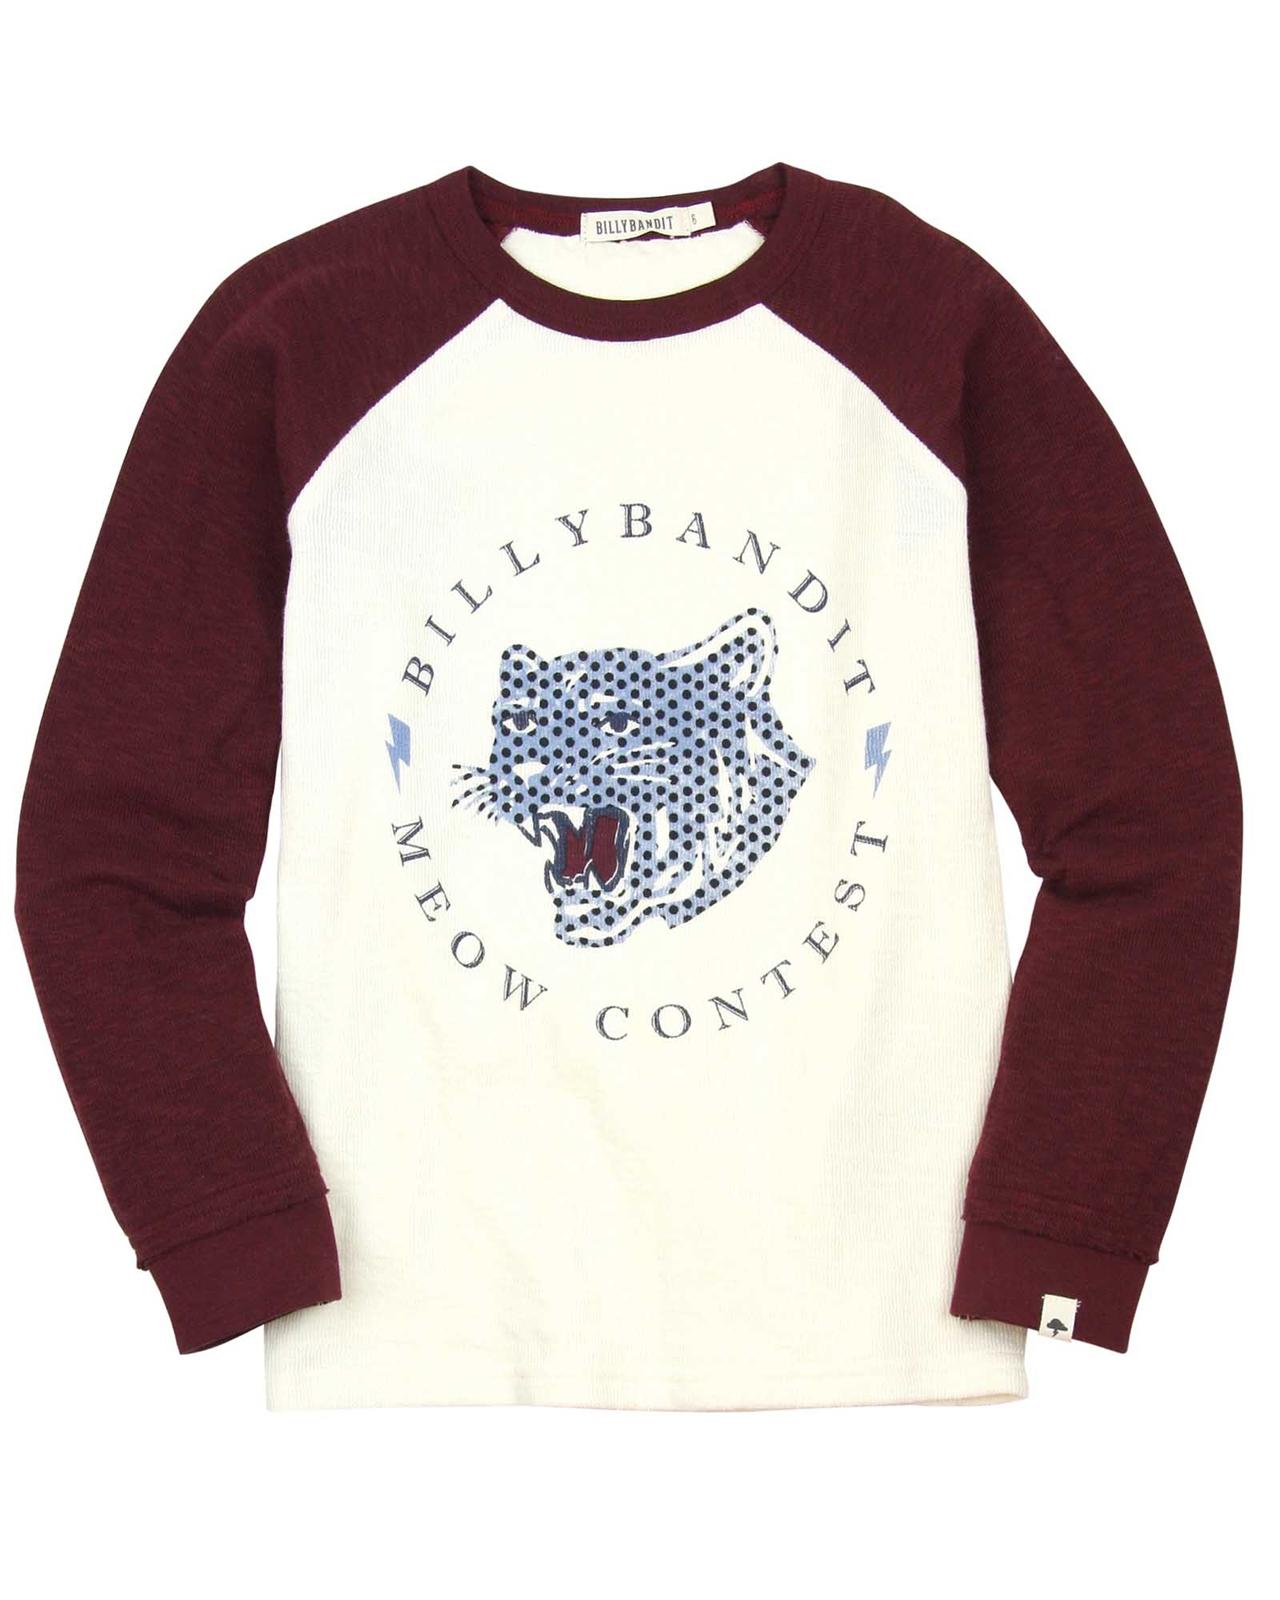 a437b52d Billybandit Raglan Sleeves Knit T-shirt